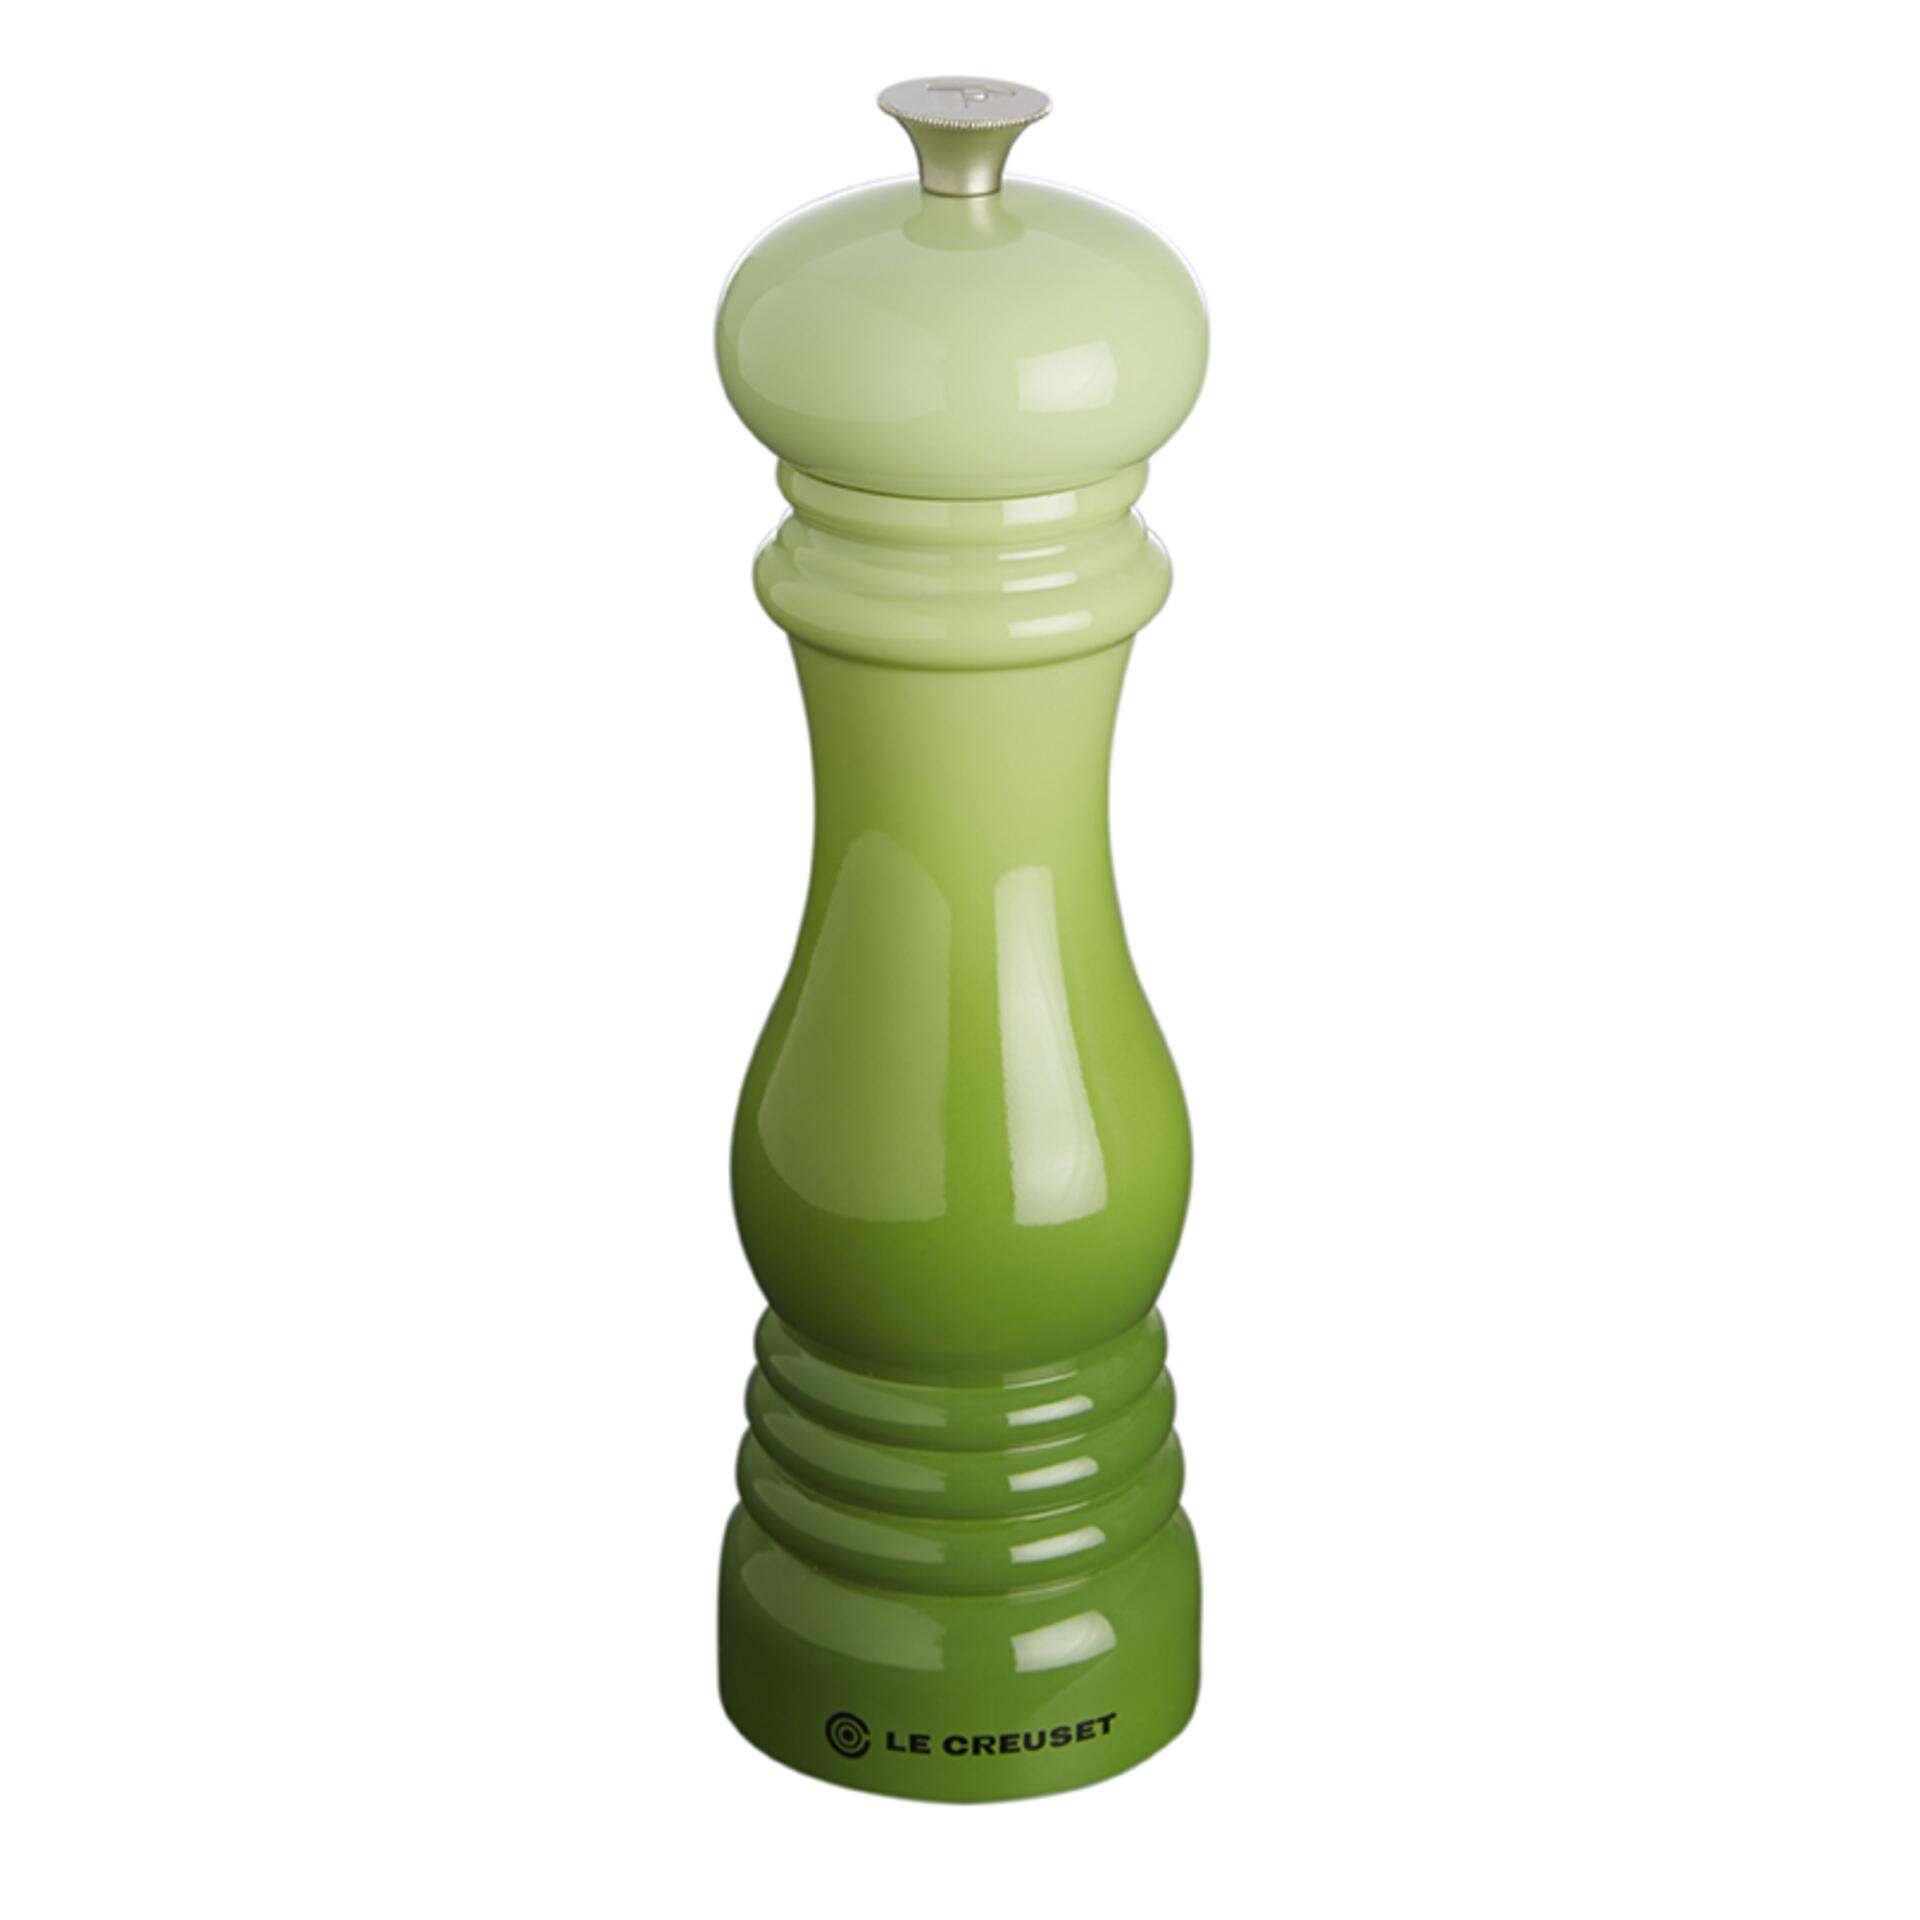 Le Creuset Pfeffermühle Palm 21 cm